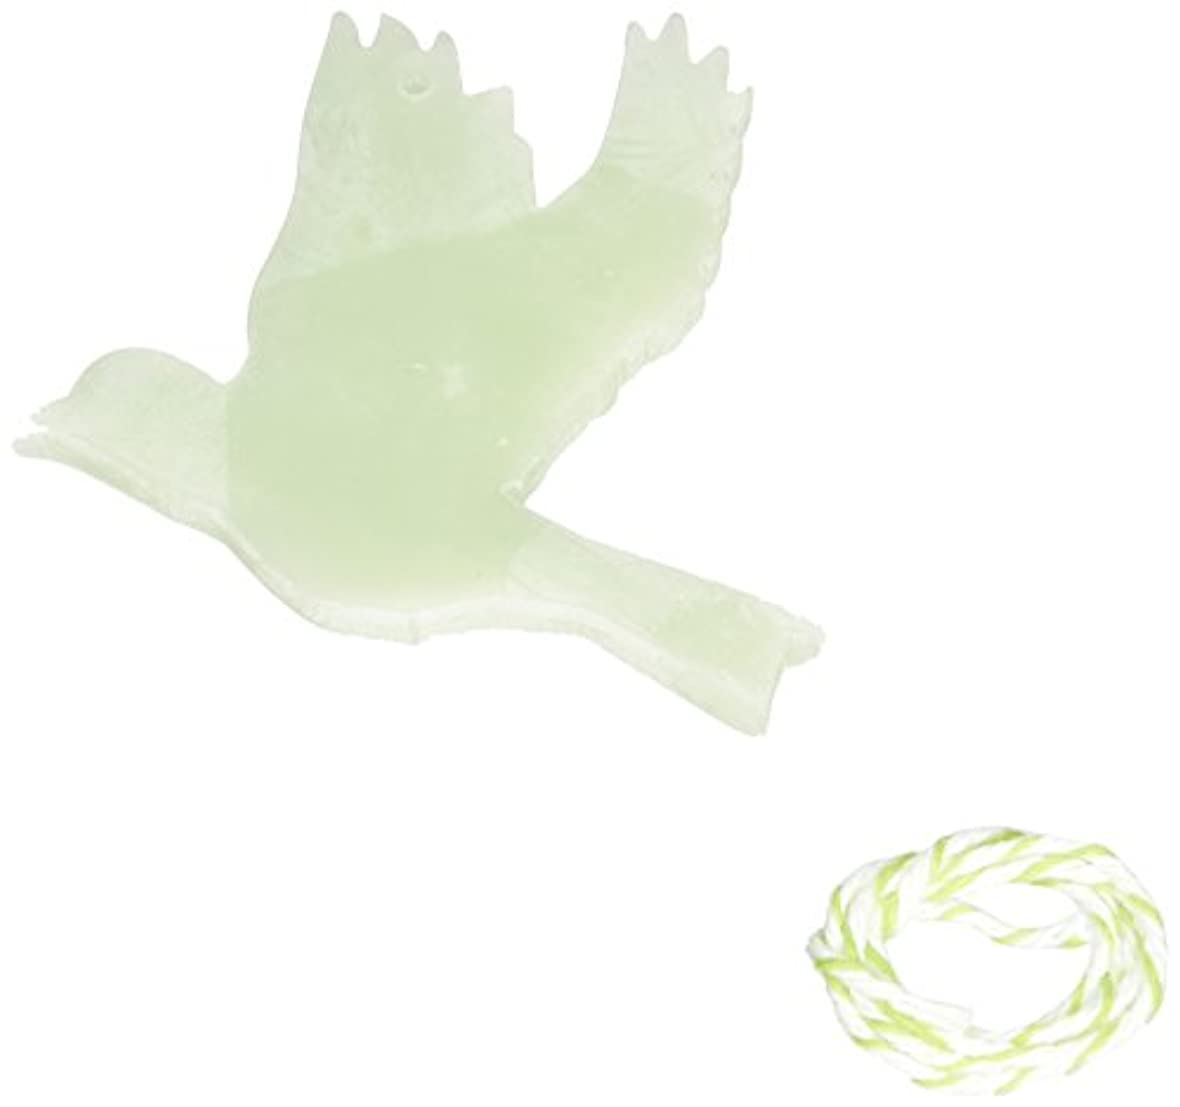 アカデミー軽減武装解除GRASSE TOKYO AROMATICWAXチャーム「ハト」(GR) レモングラス アロマティックワックス グラーストウキョウ